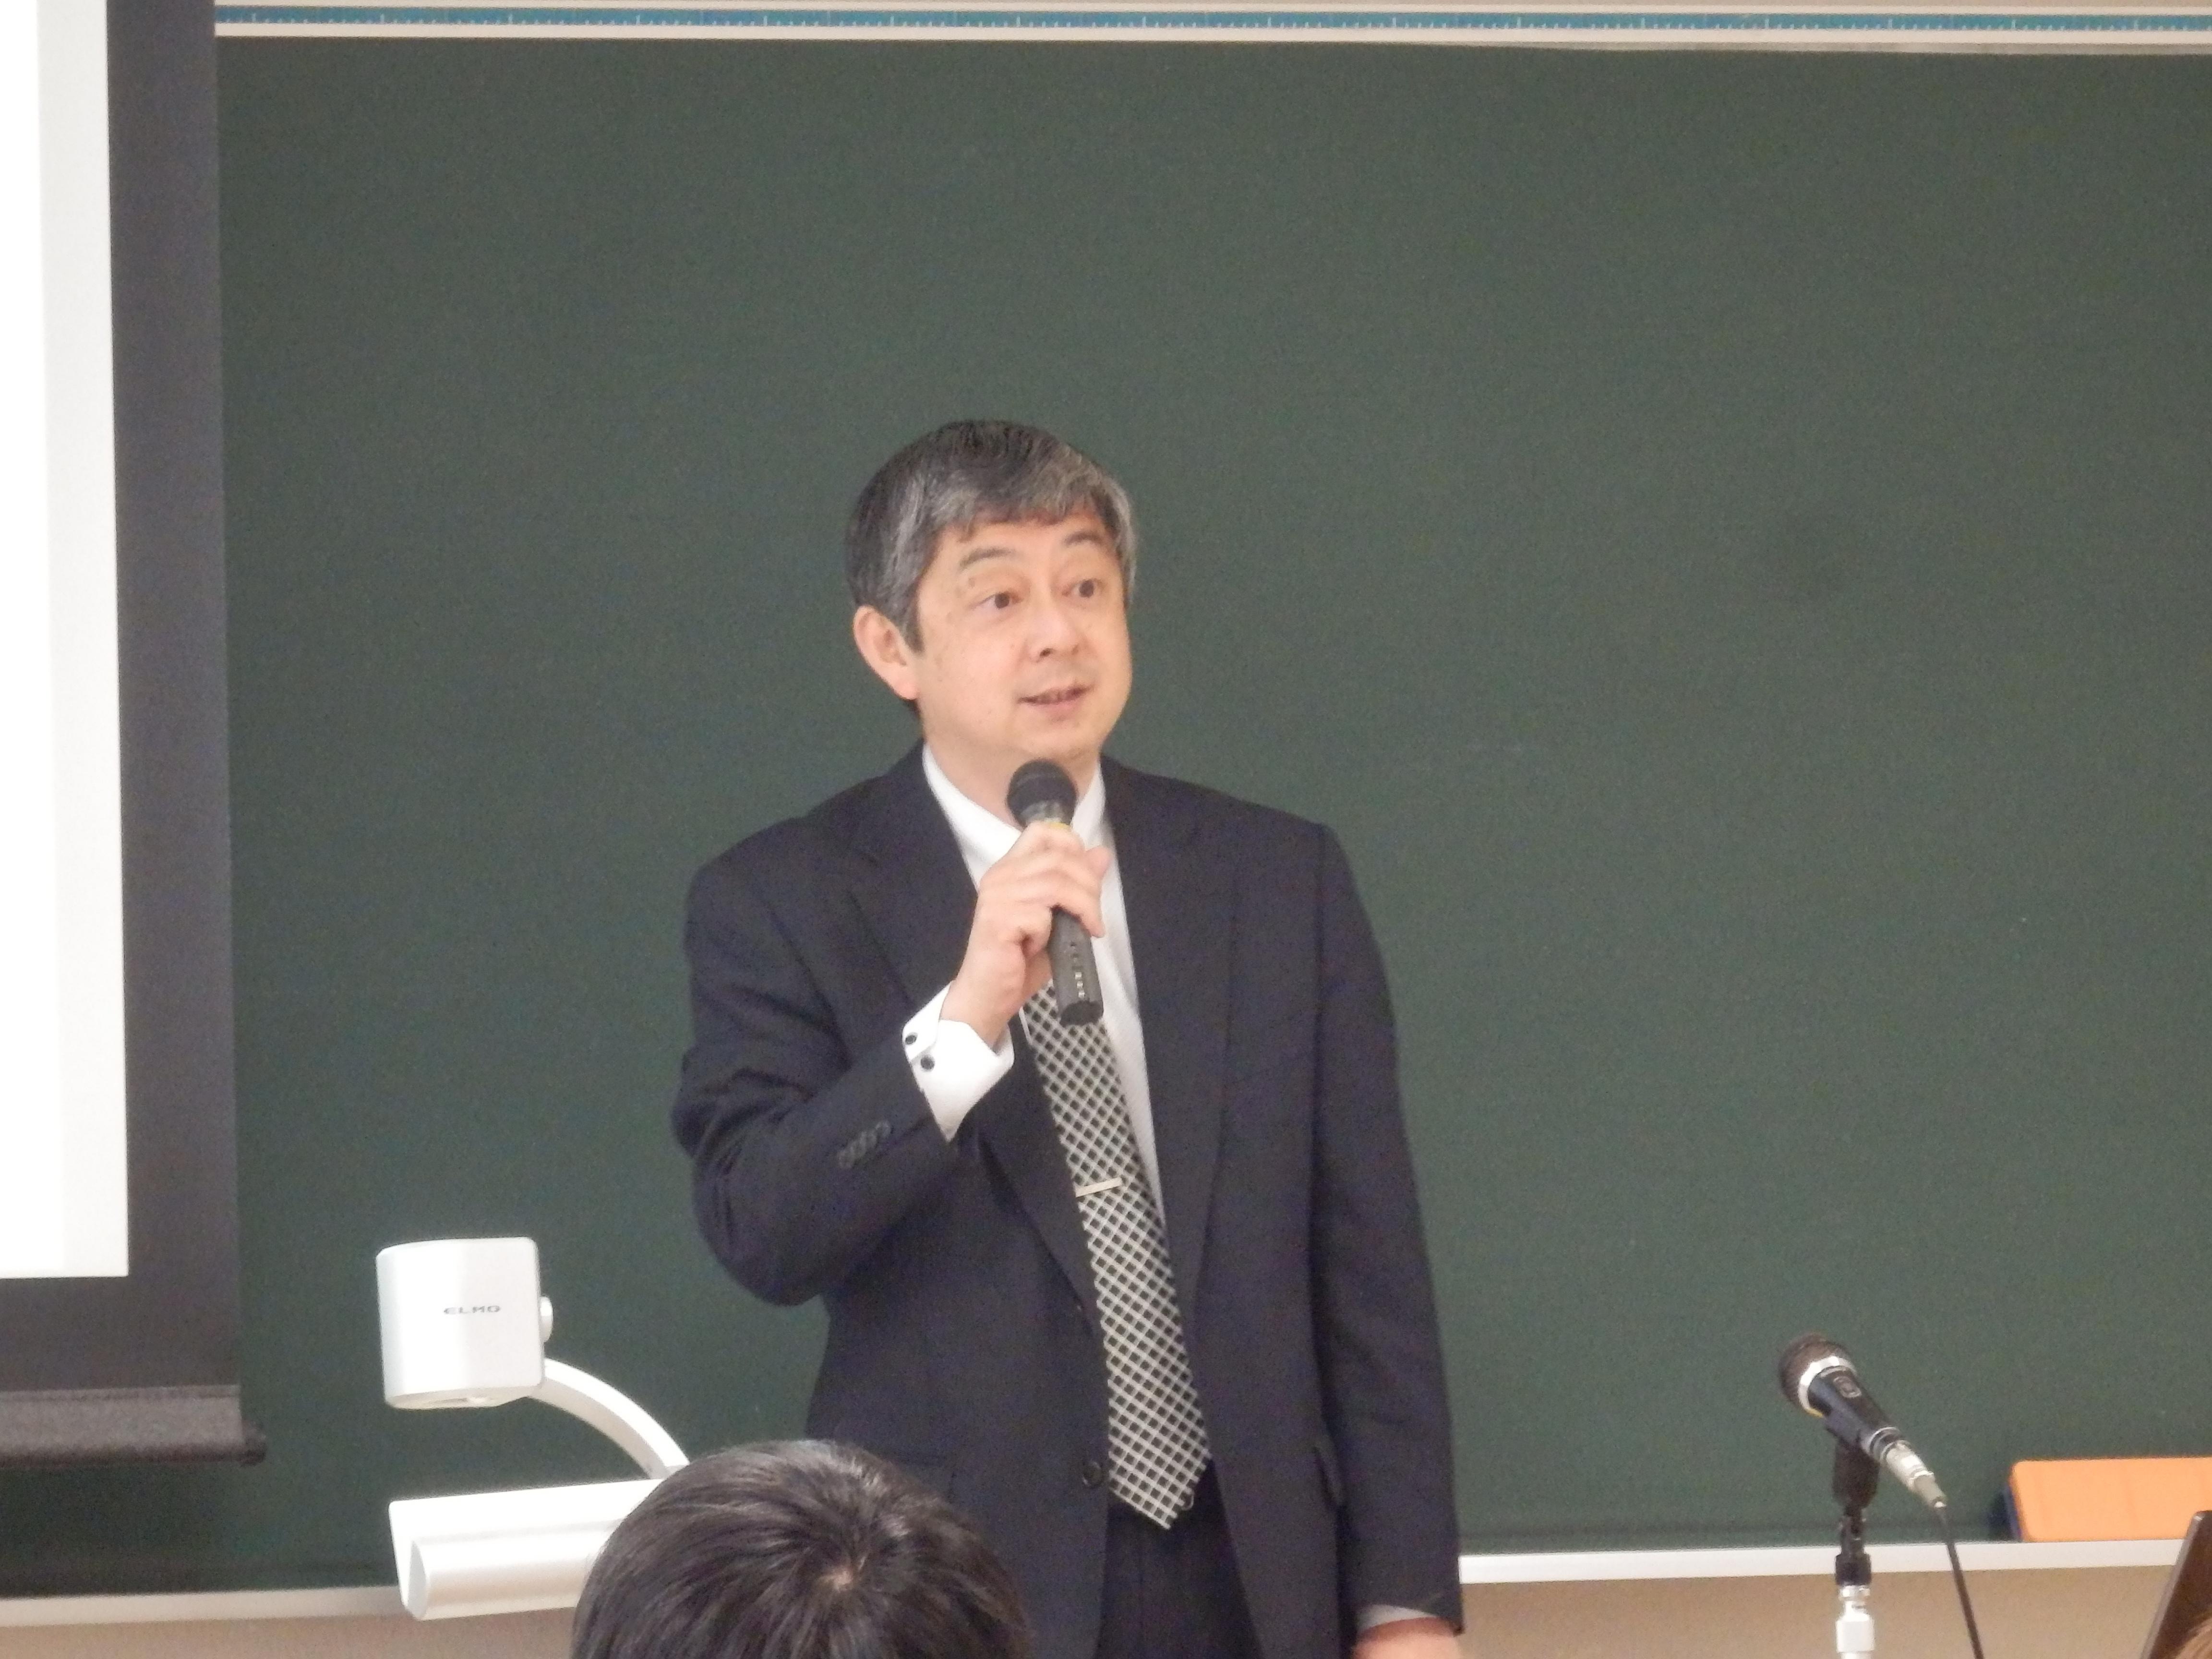 講師の中村文彦氏